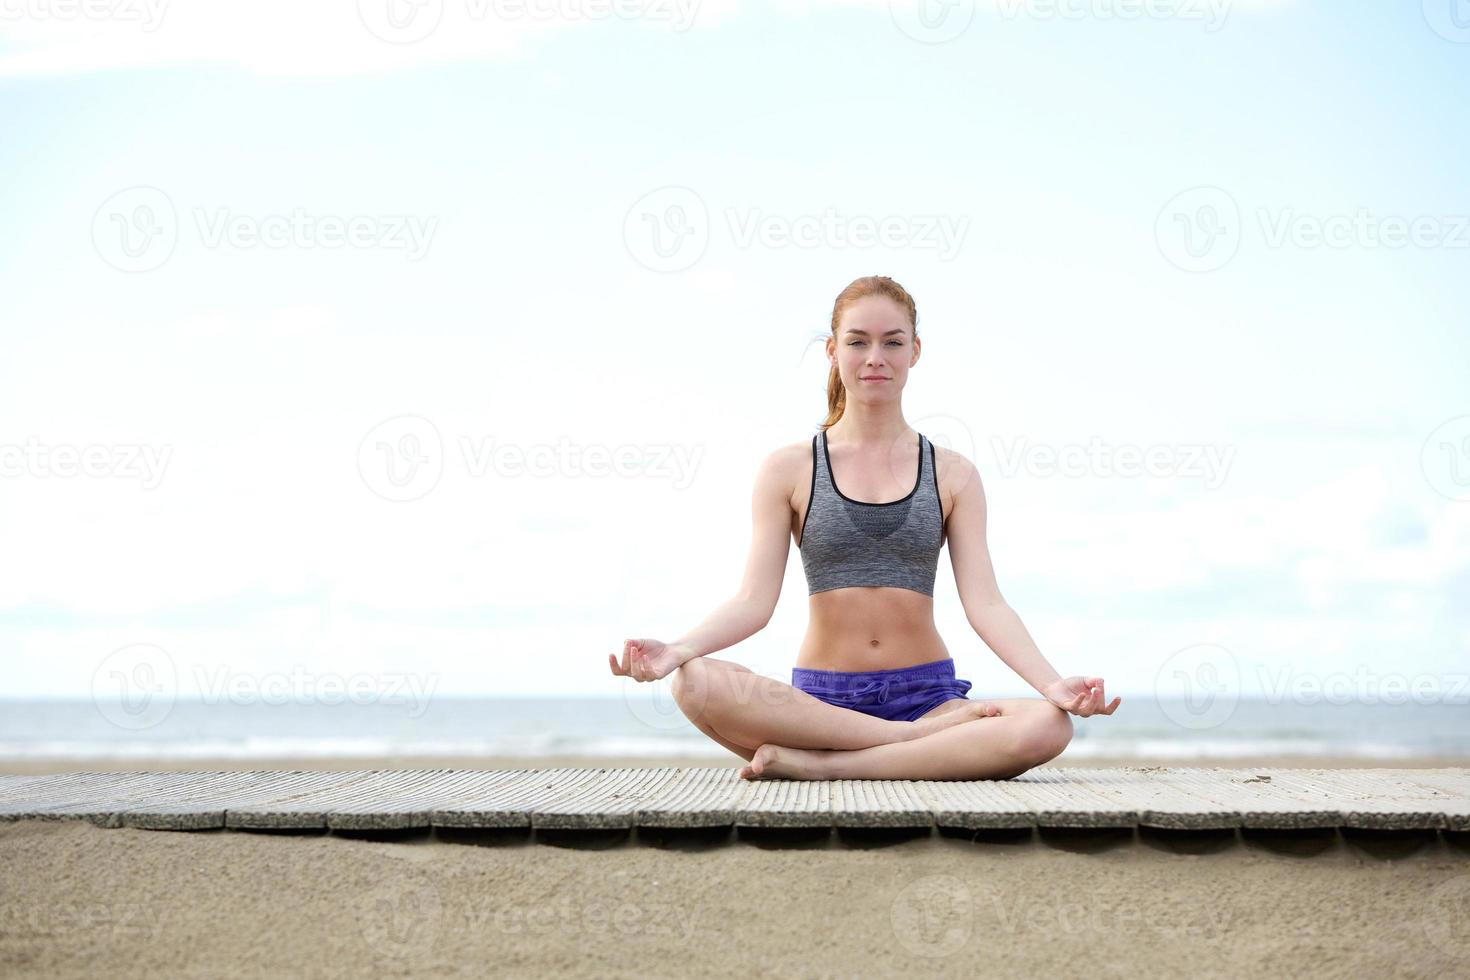 hermosa mujer joven sentada al aire libre en pose de yoga foto